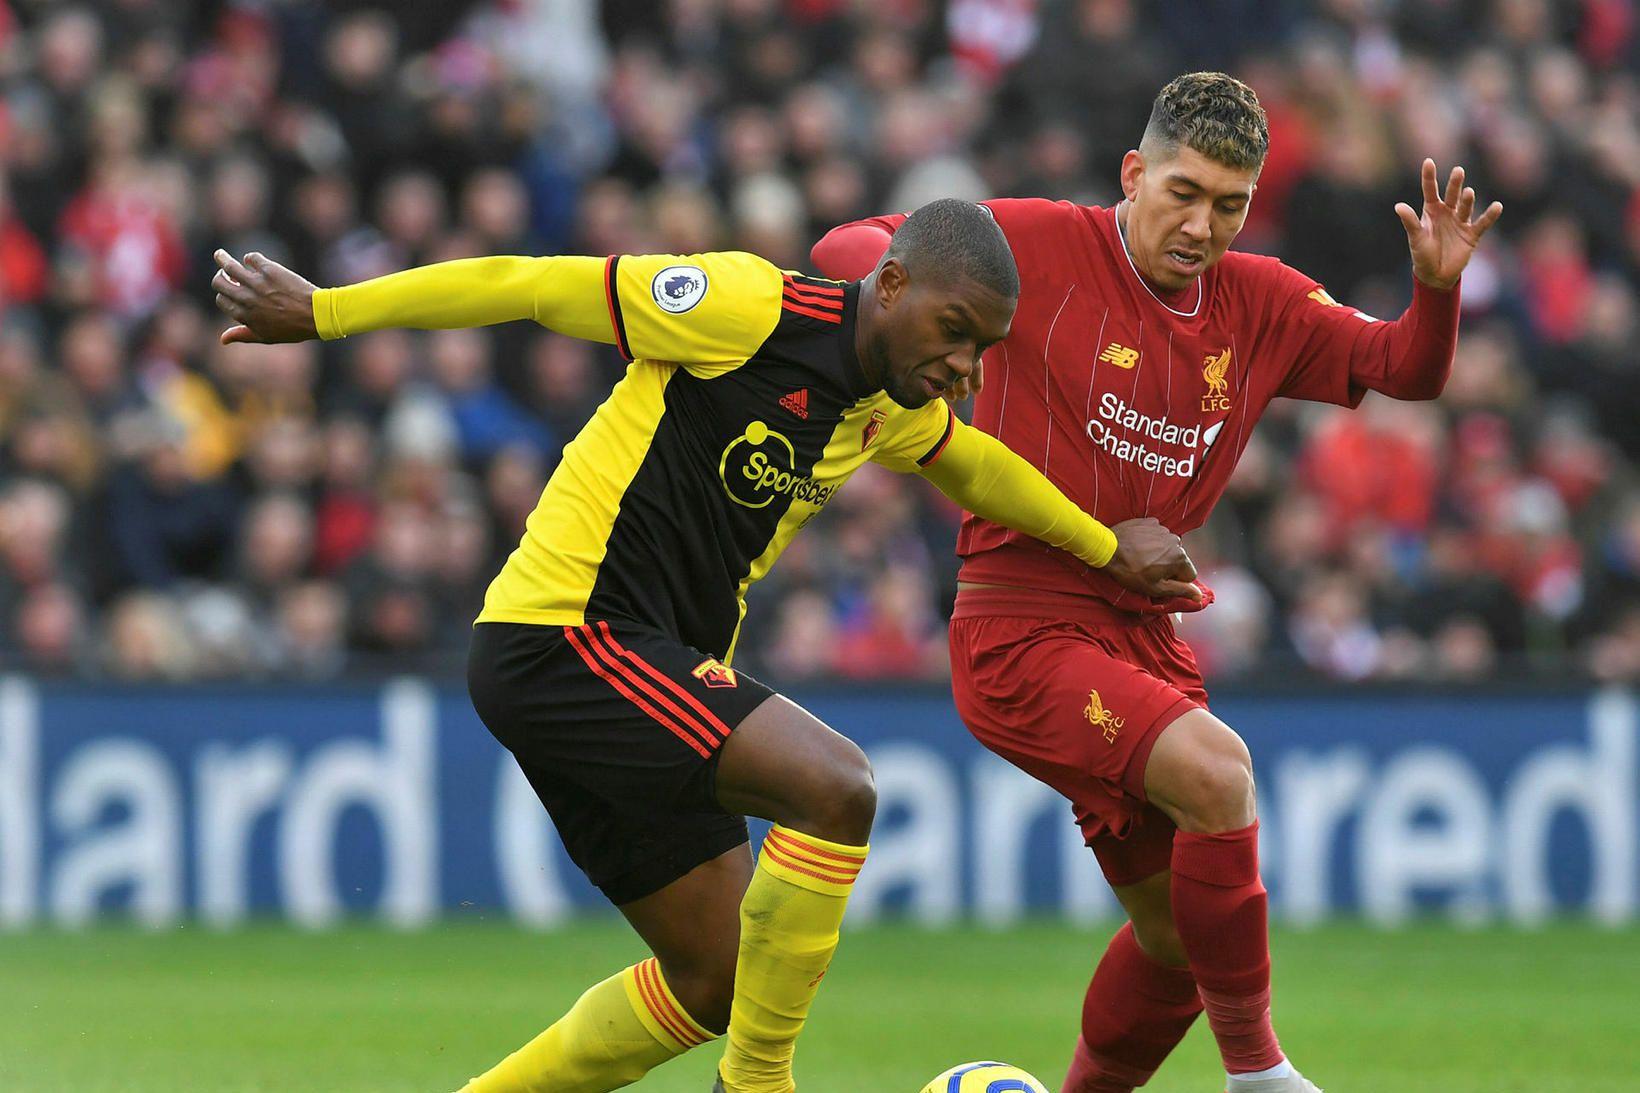 Christian Kabasele í leik með Watford gegn Liverpool.